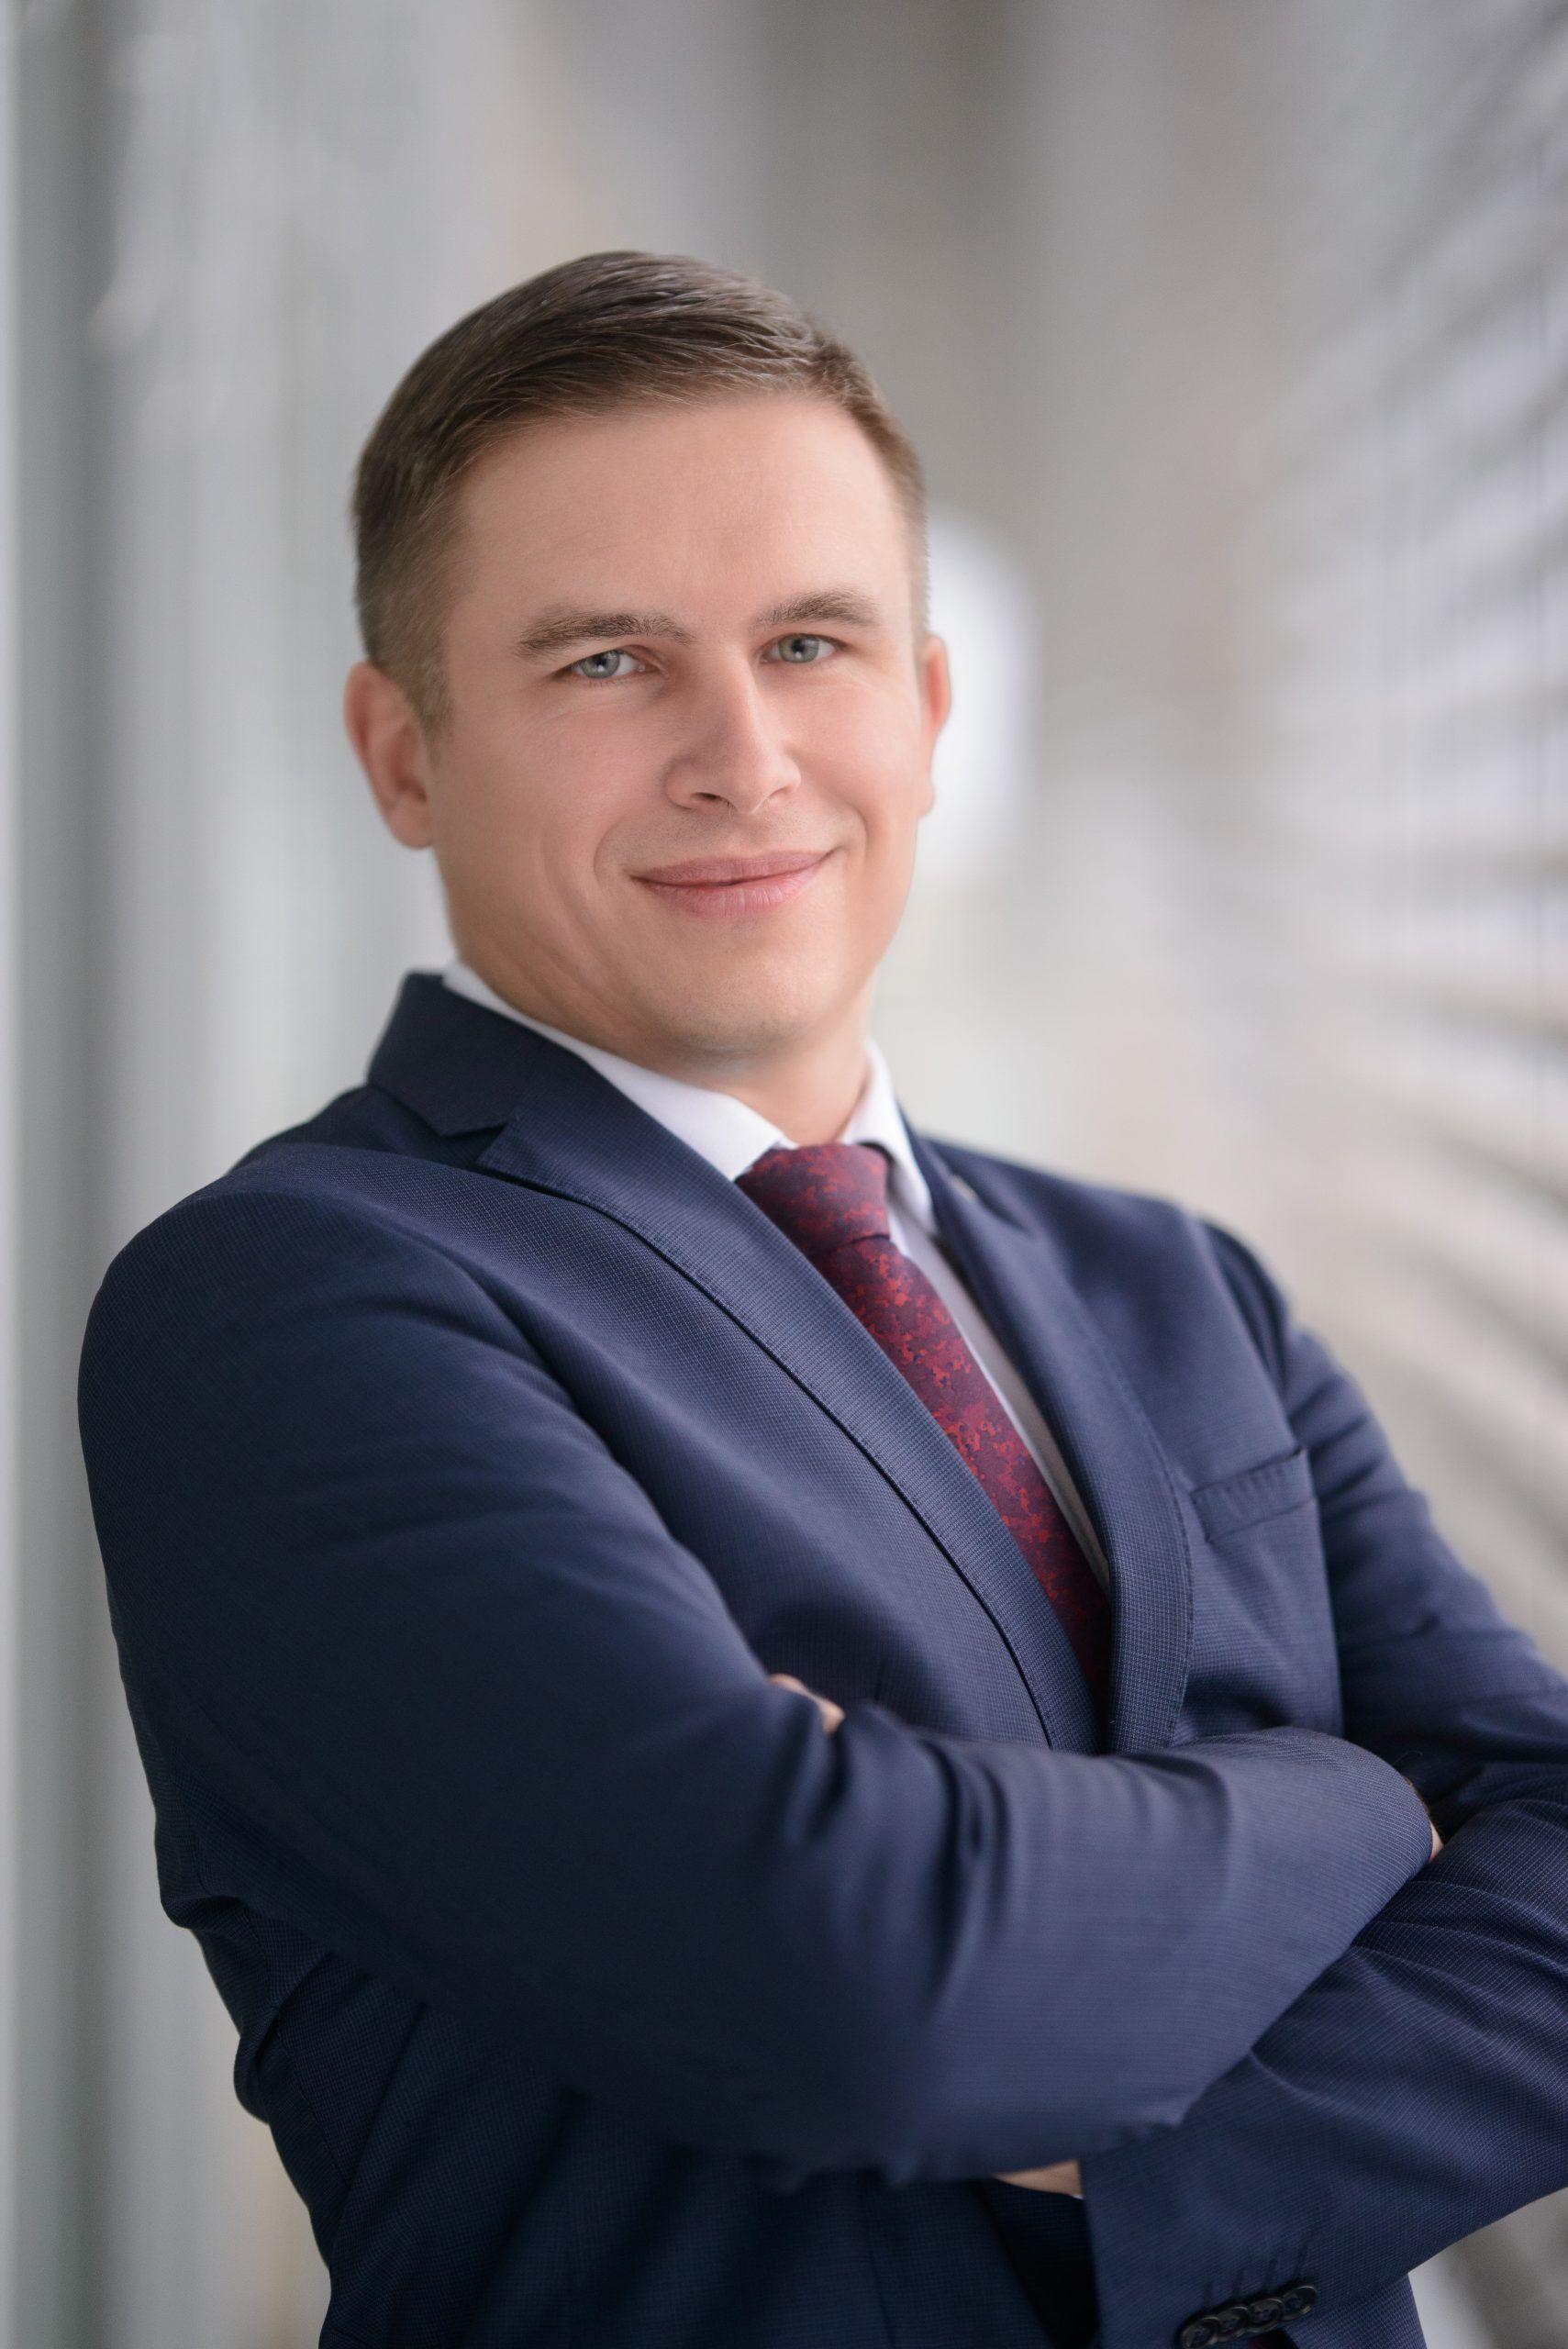 Aurimas Martinkenas